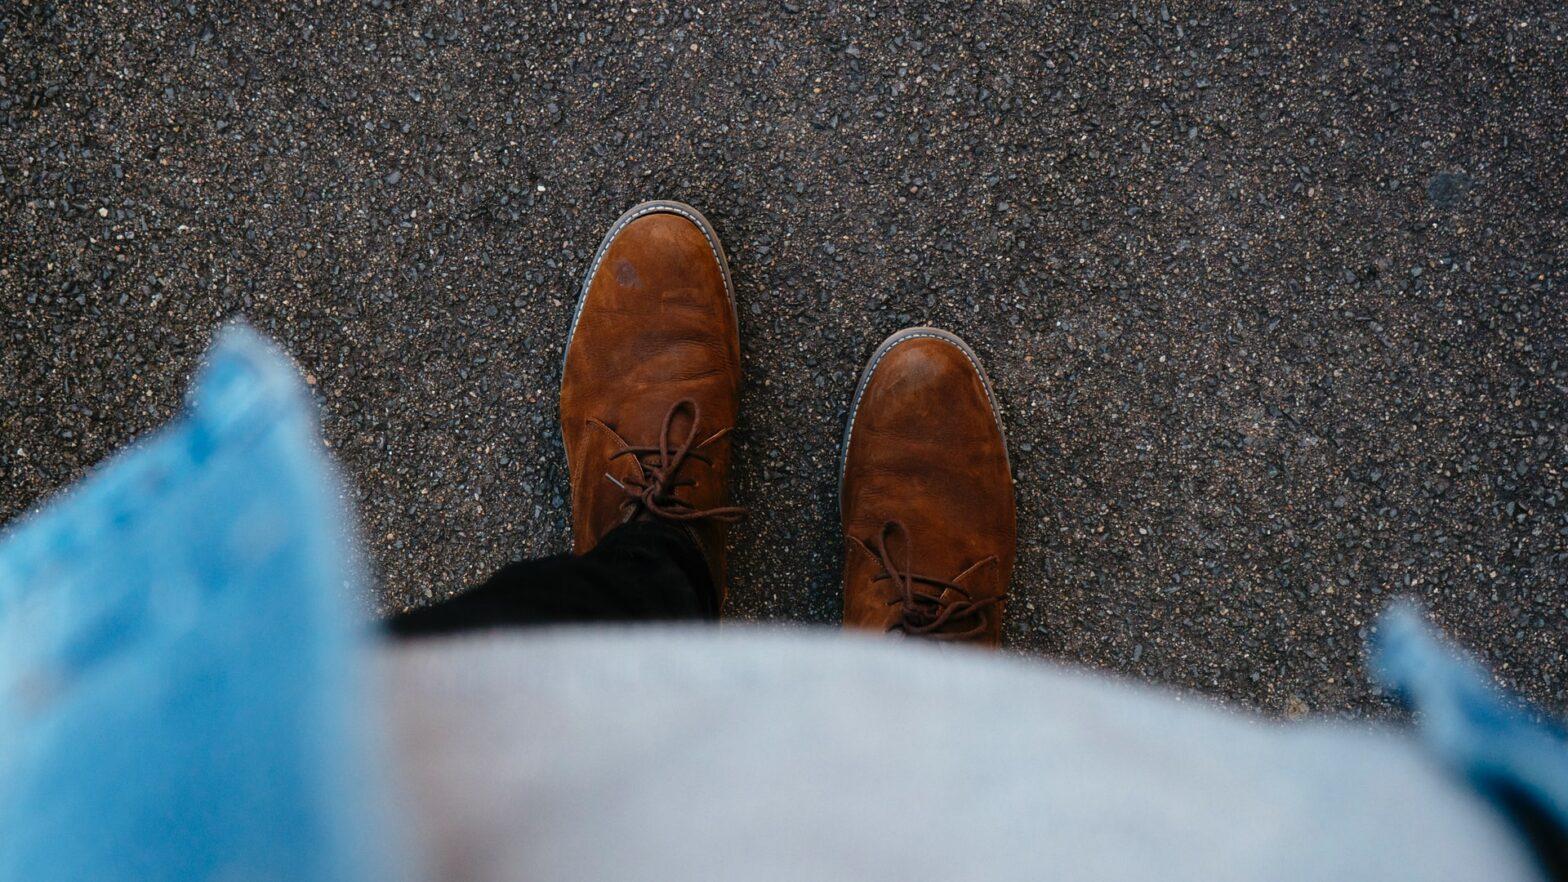 pulire le scarpe di camoscio dalle macchie d'olio